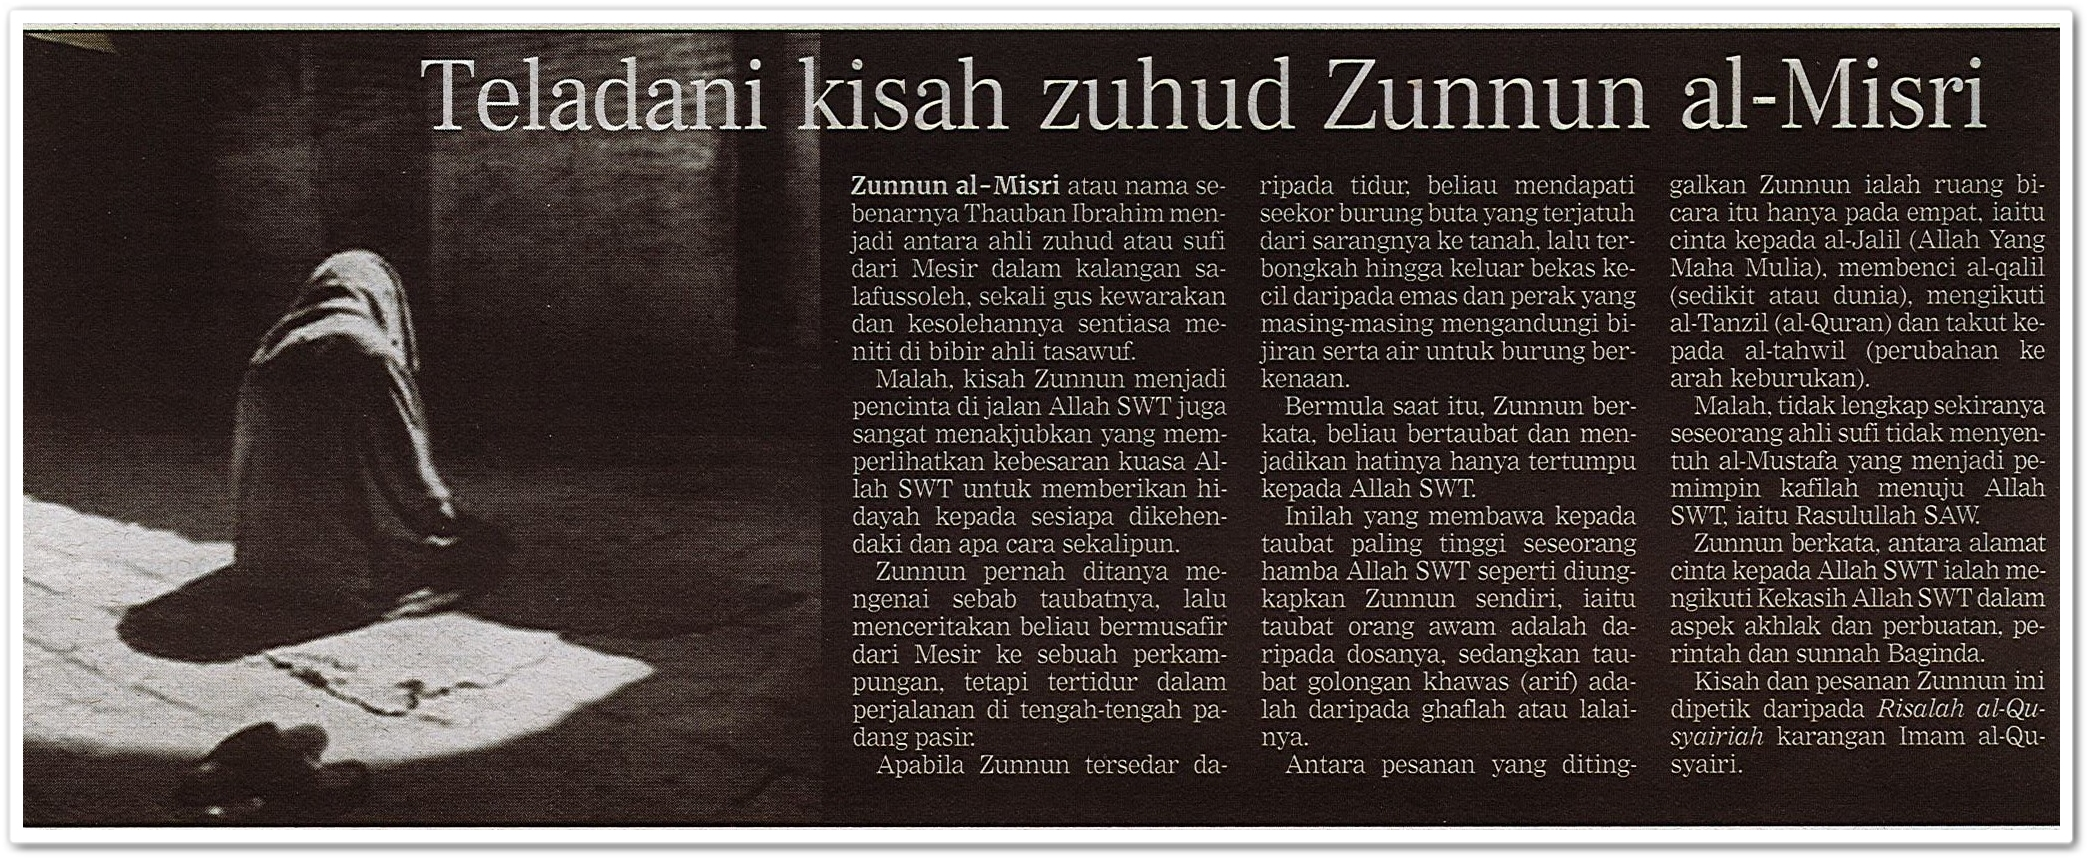 Teladani kisah zuhud Zunnun al-Misri